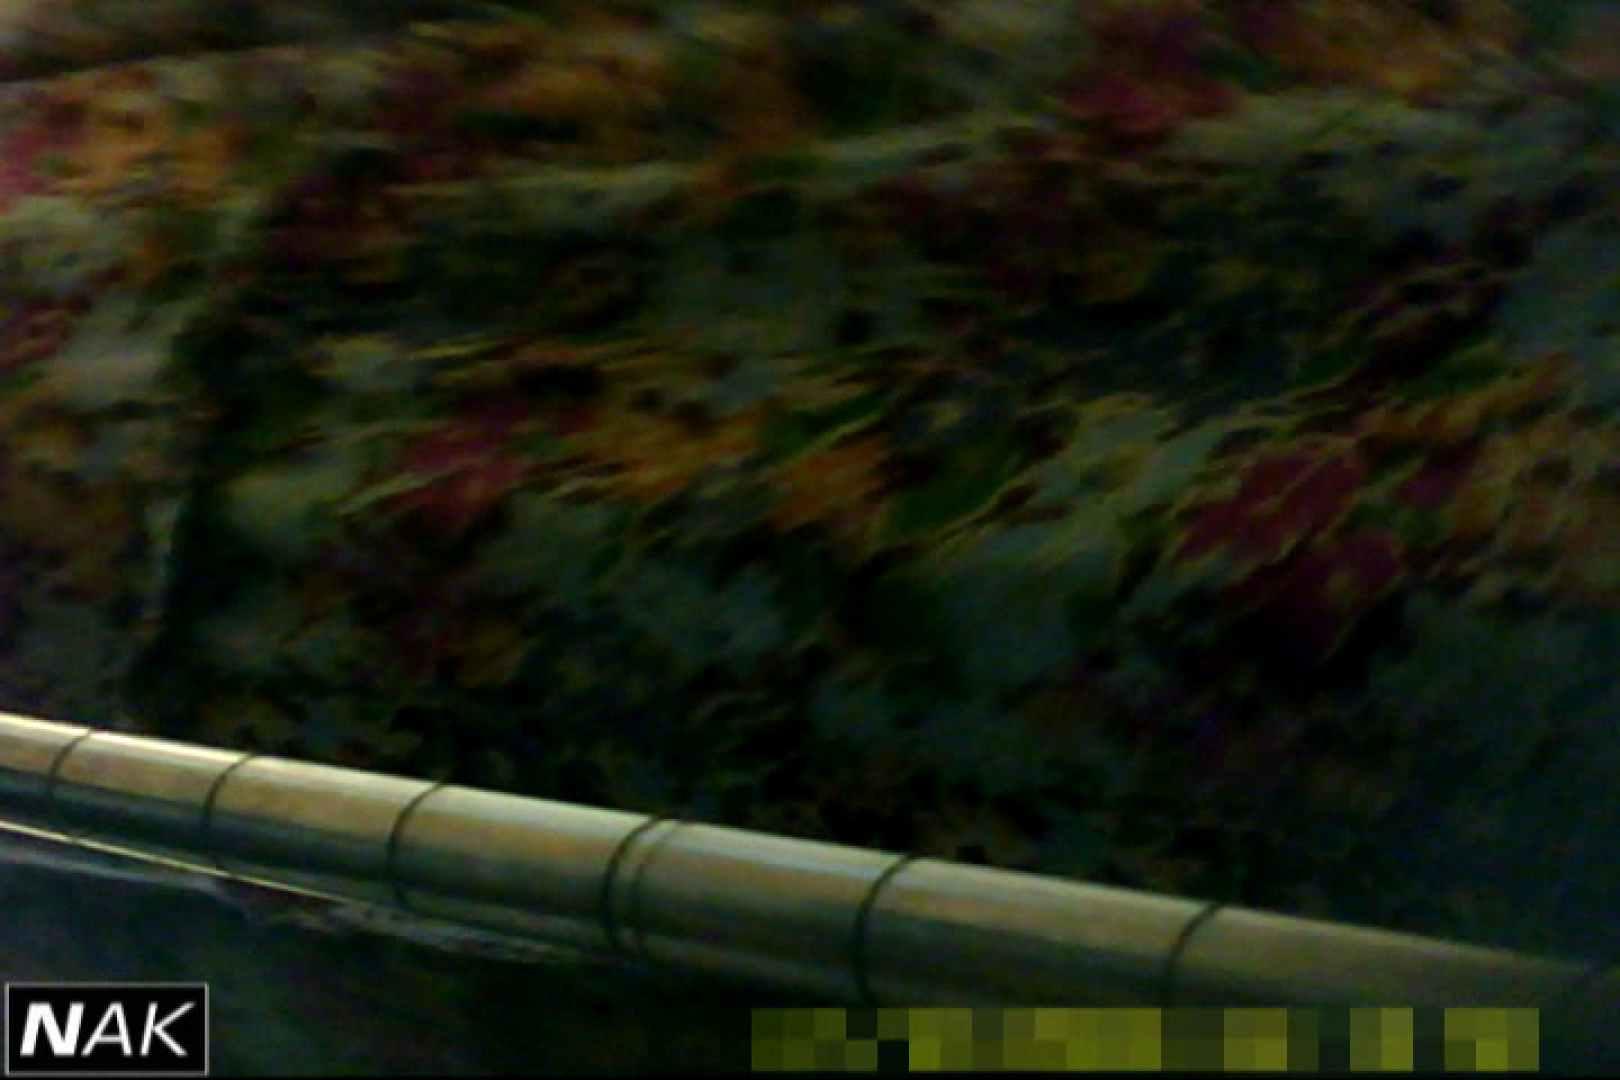 超高画質5000K!脅威の2点かわや! vol.15 オマンコギャル エロ無料画像 99連発 64